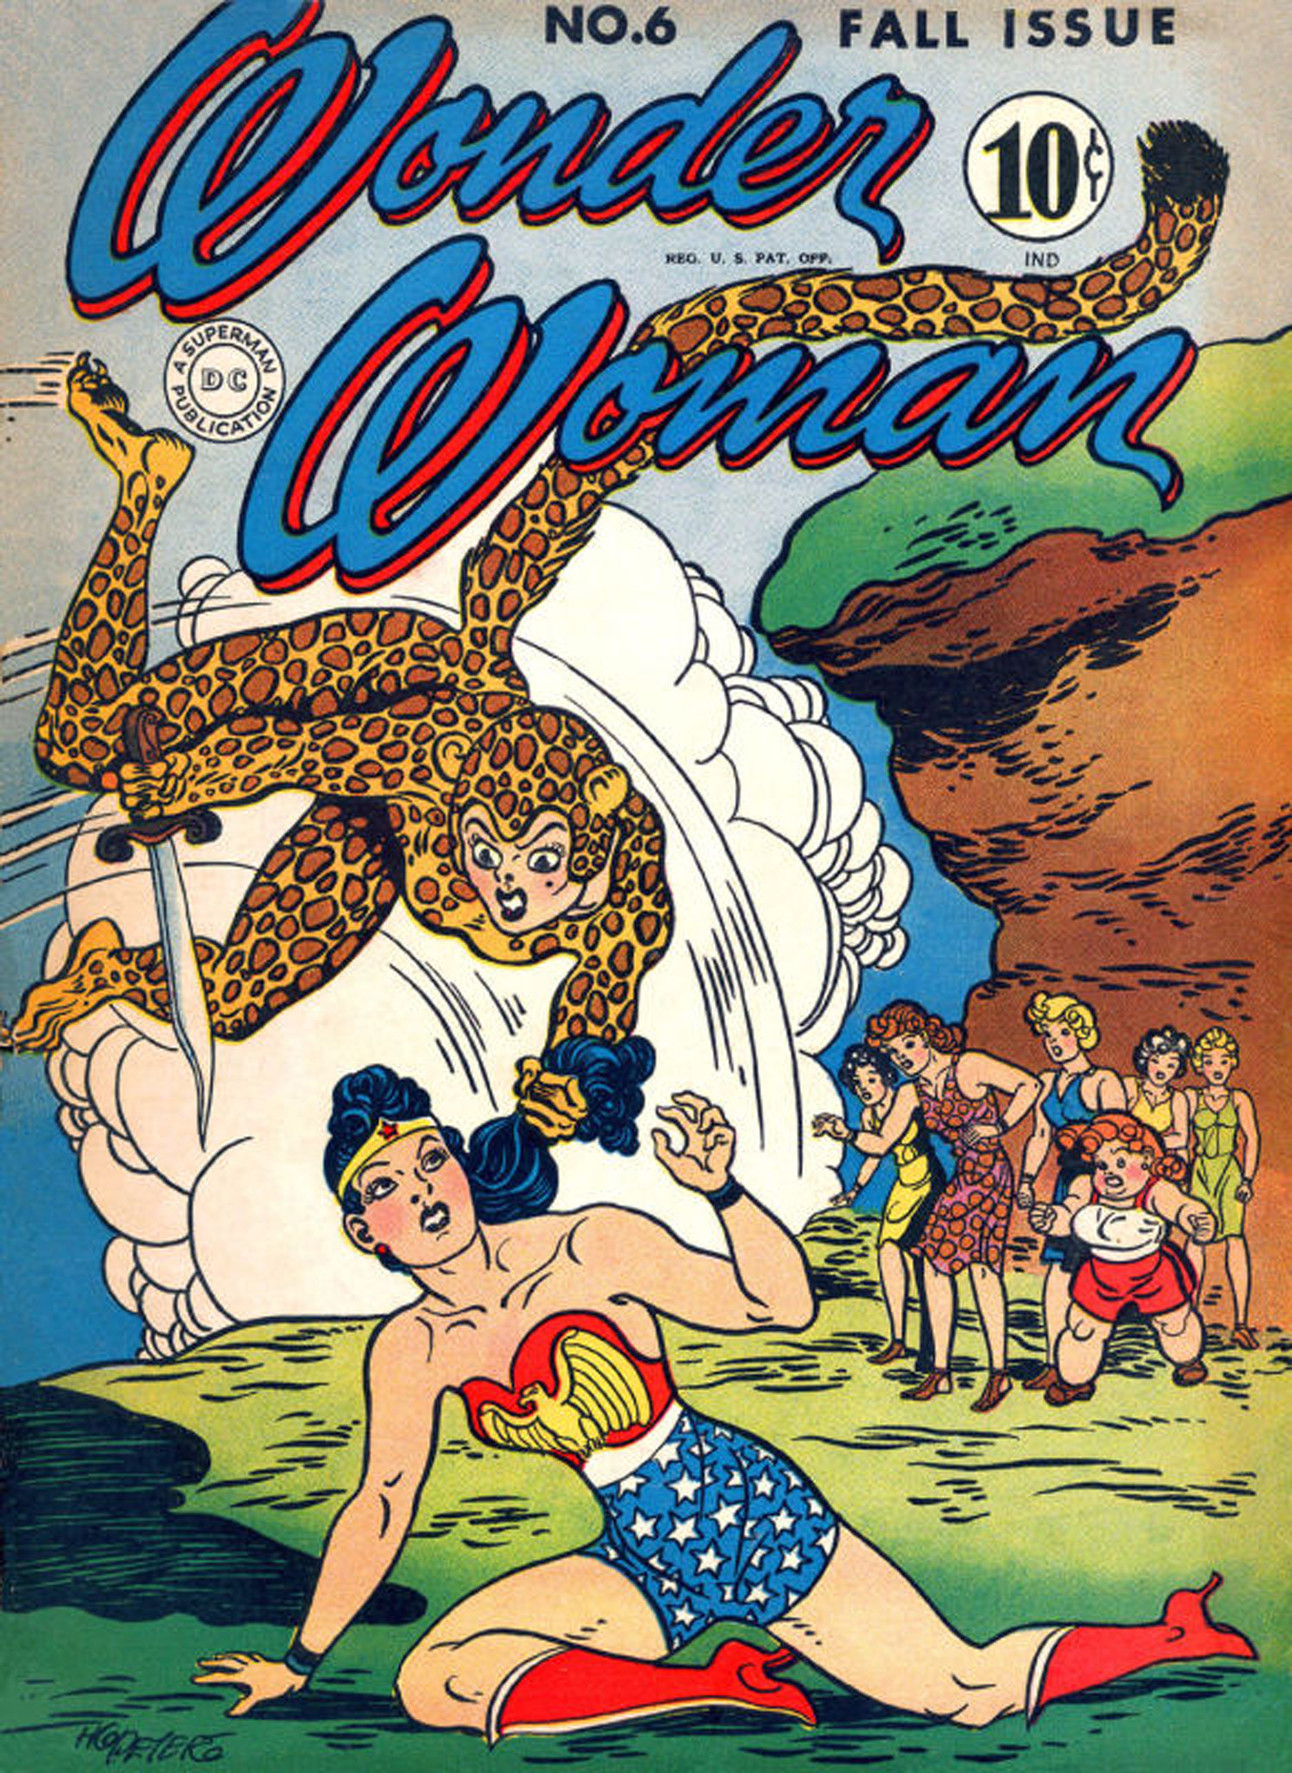 4 Cheetah stories wed like to see in Wonder Woman 2